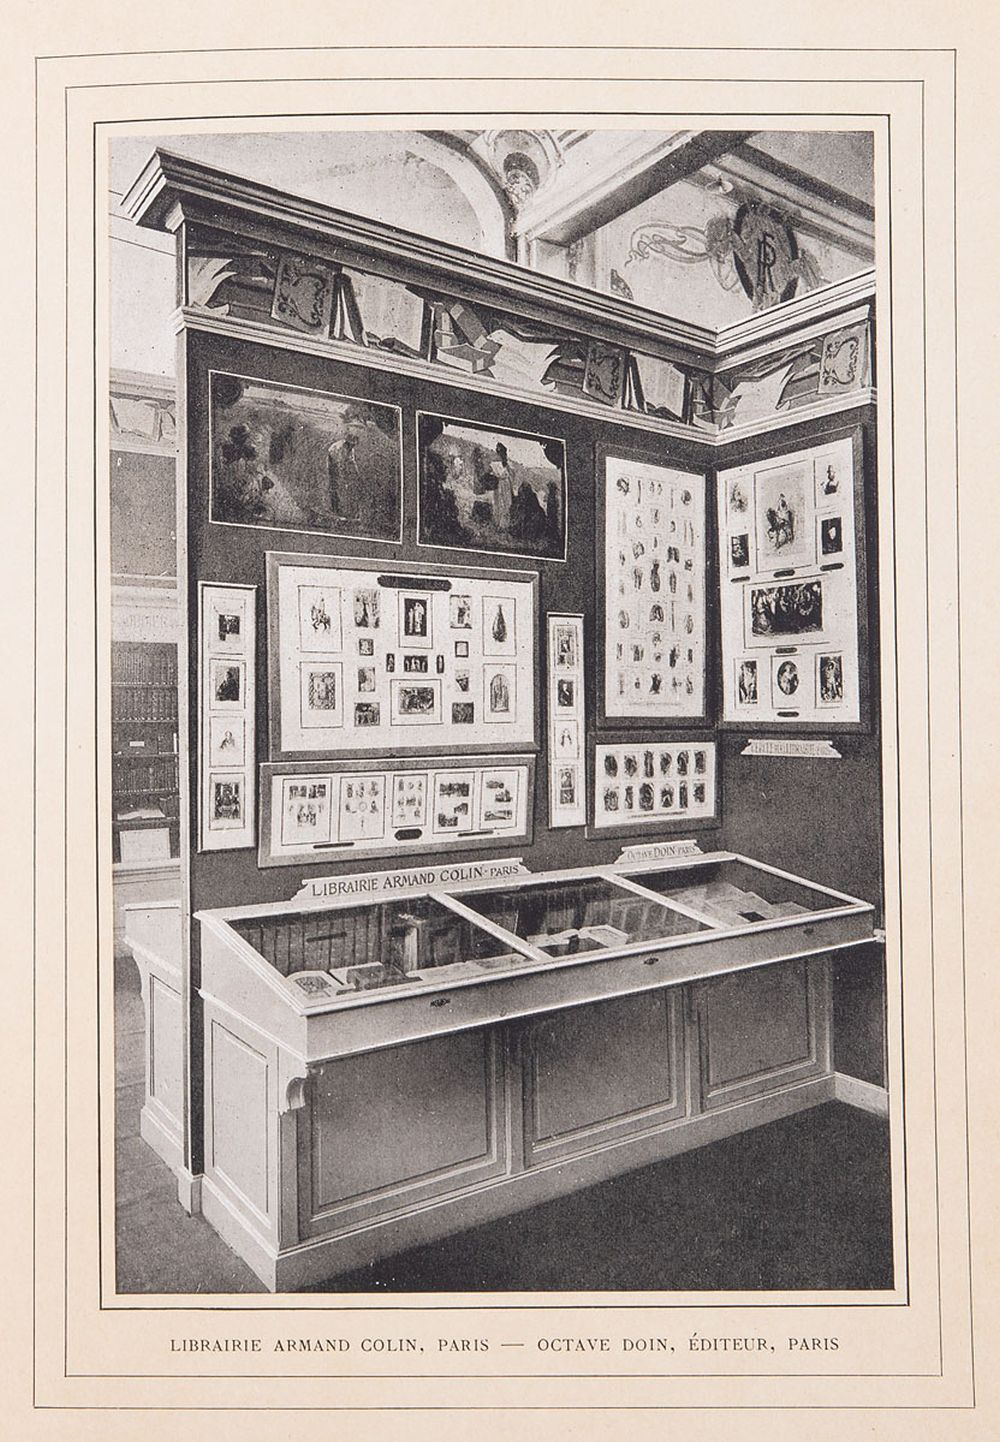 EXPOSITIONS UNIVERSELLES. Lot de 14 volumes, en françai